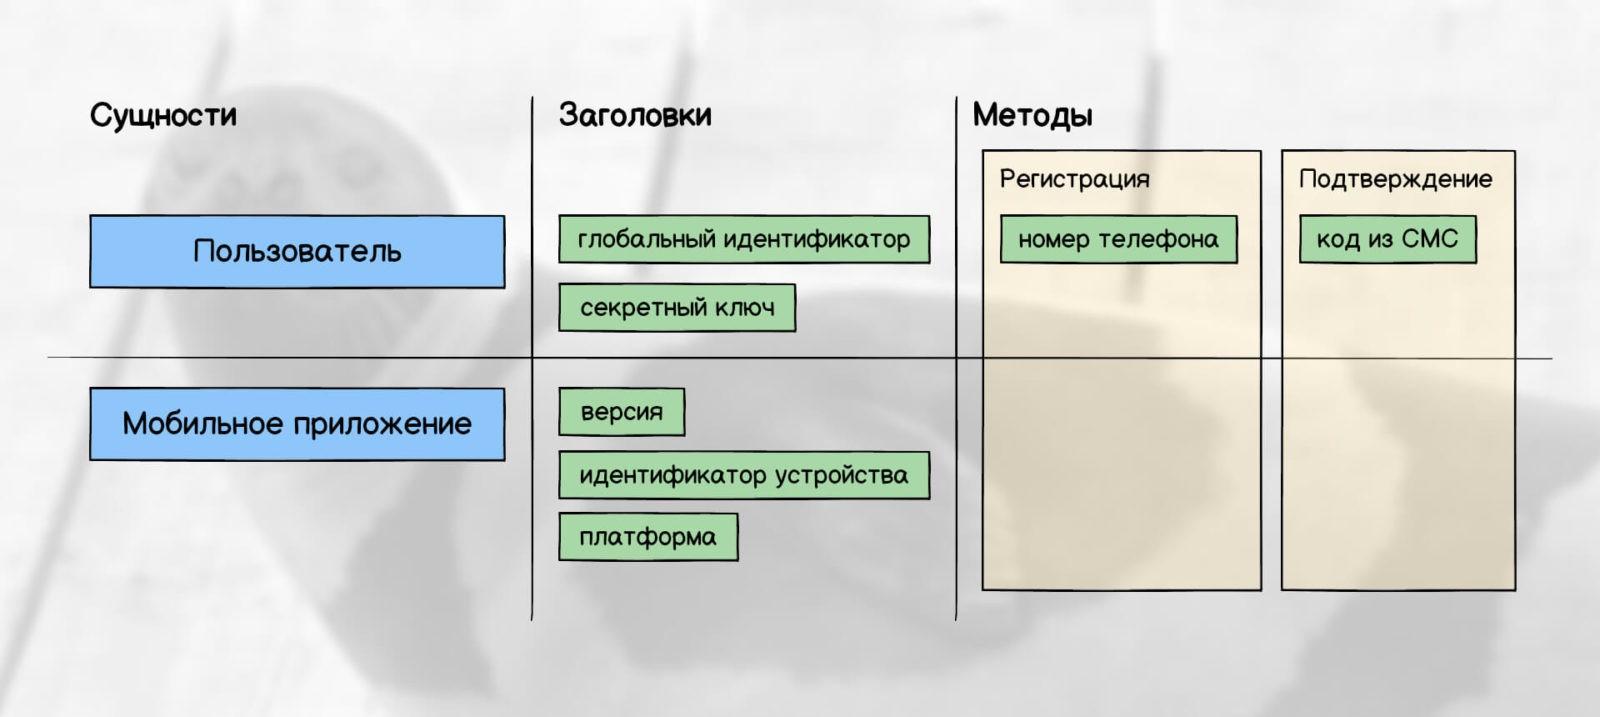 Дизайн данных: заголовки и методы API (регистрация, подтверждение)